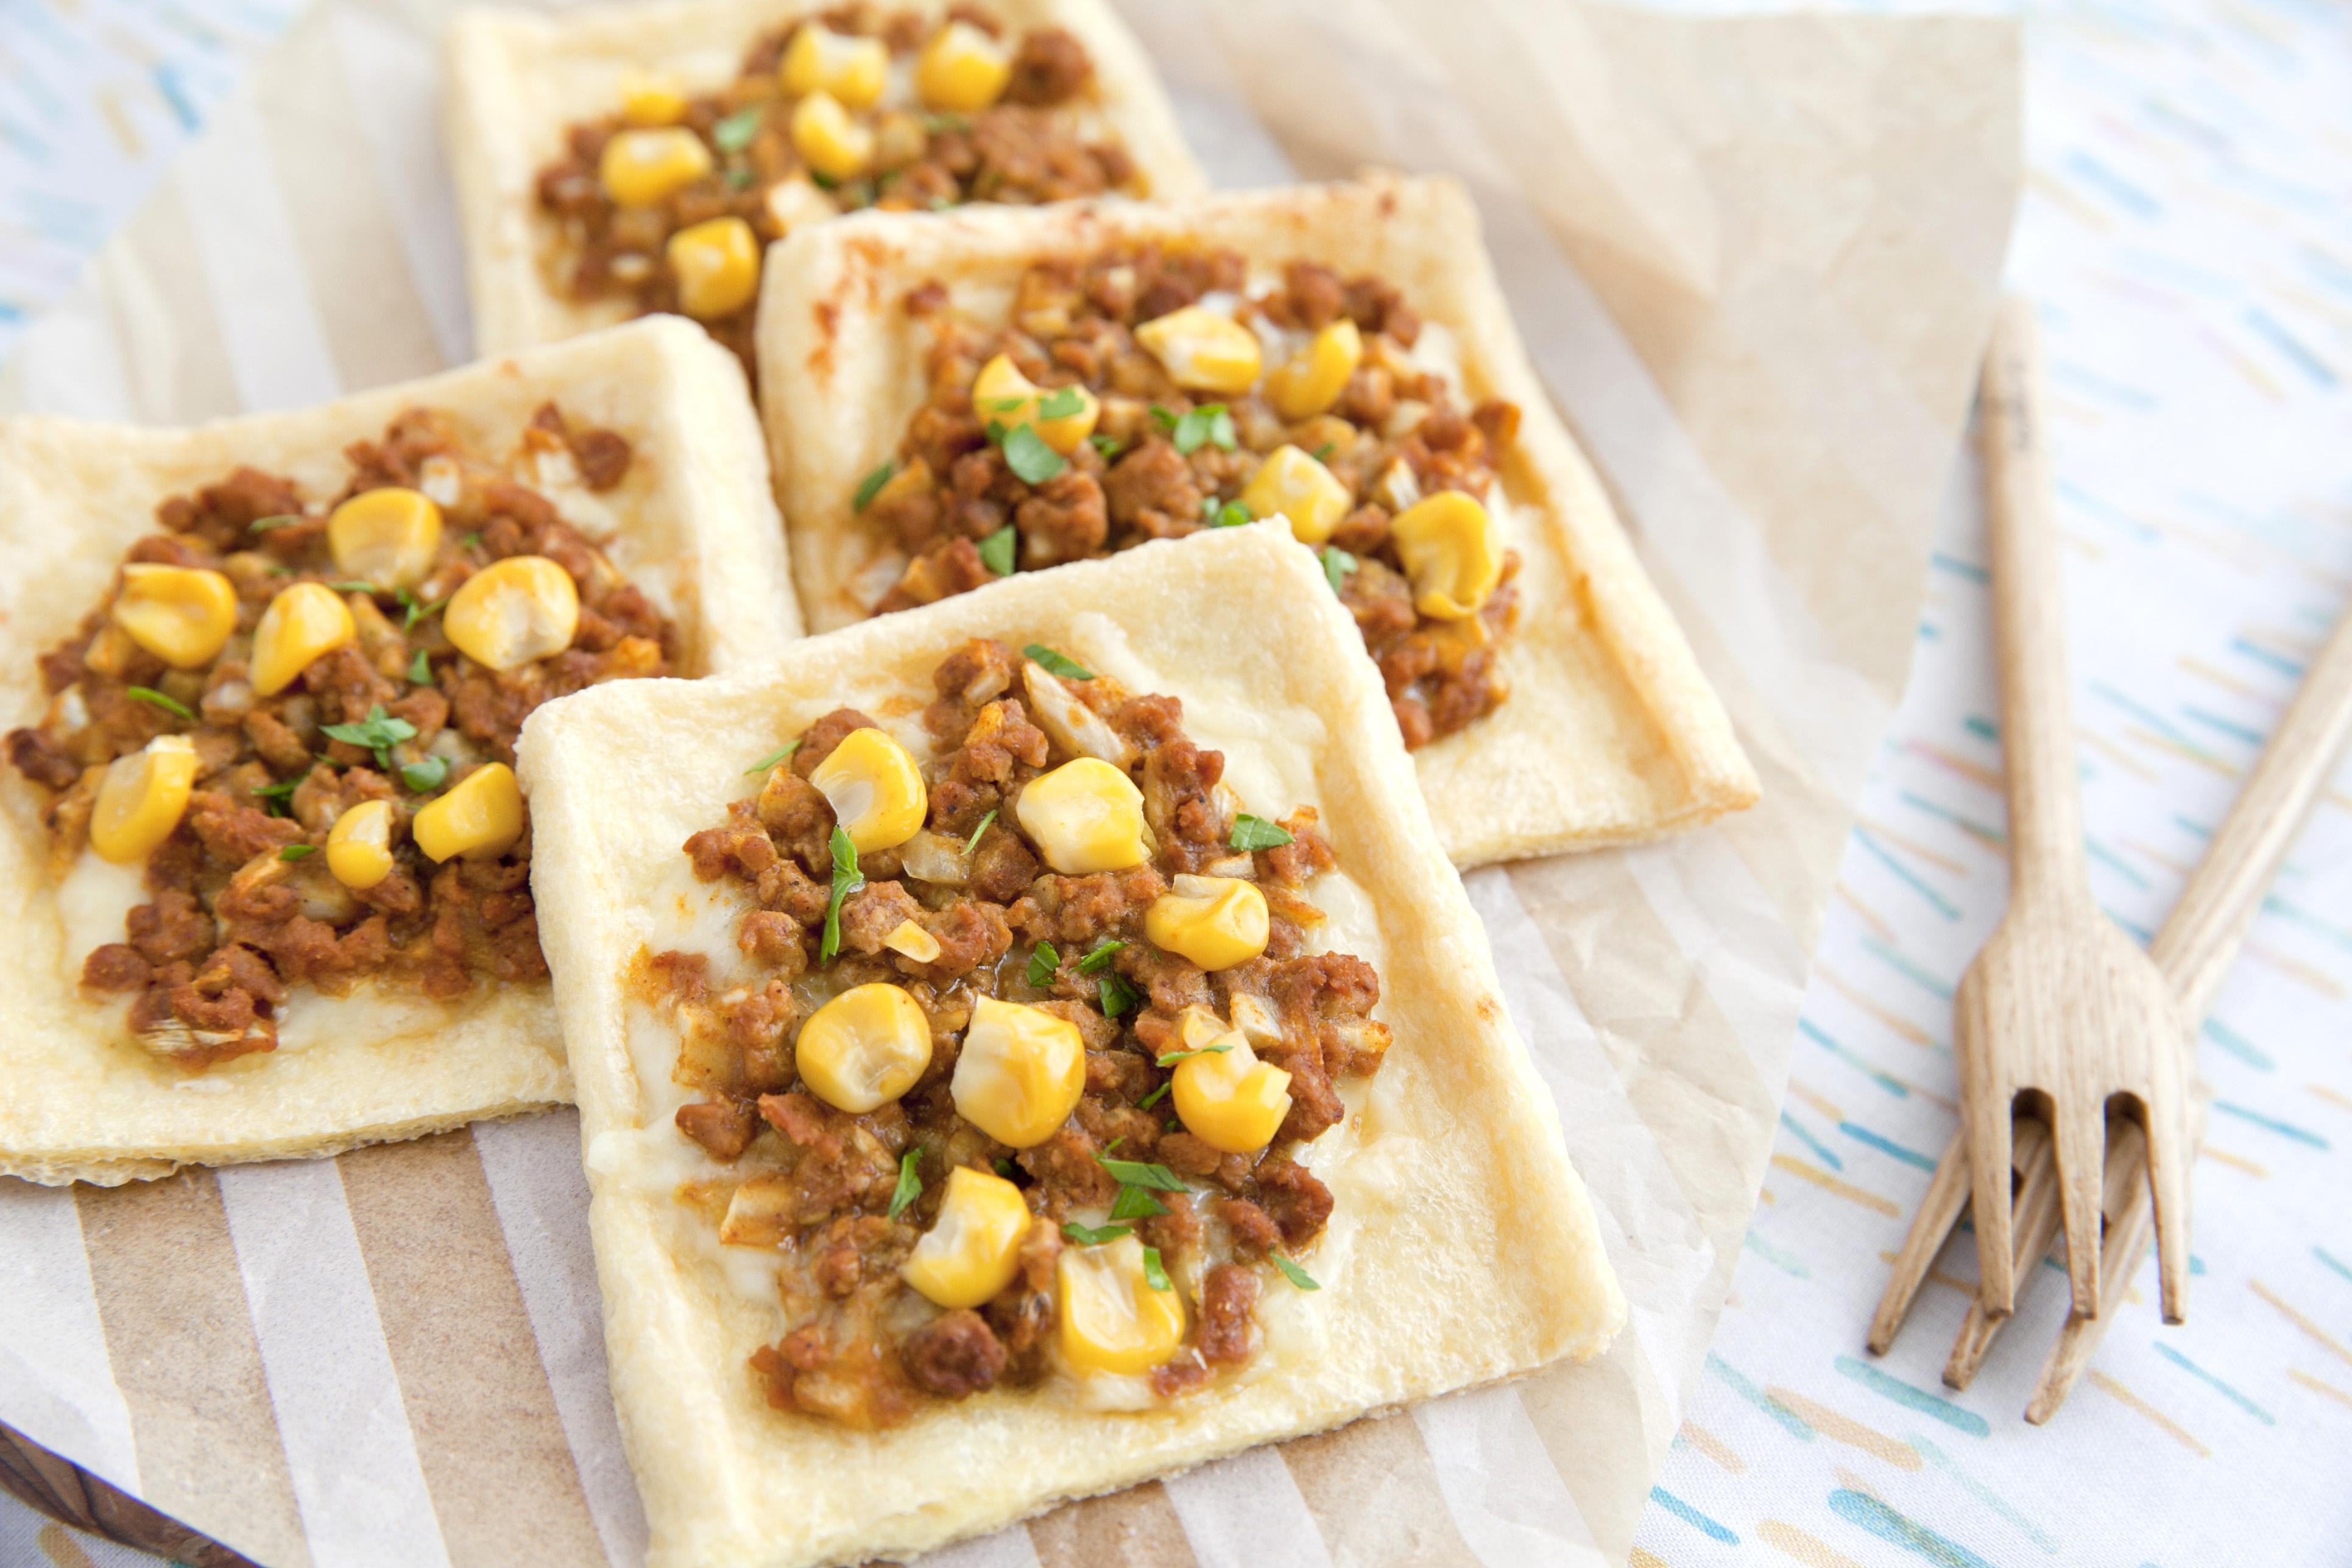 【マルコメレシピ】糖質控えめ料理!大豆のお肉で油揚げカレーピザ